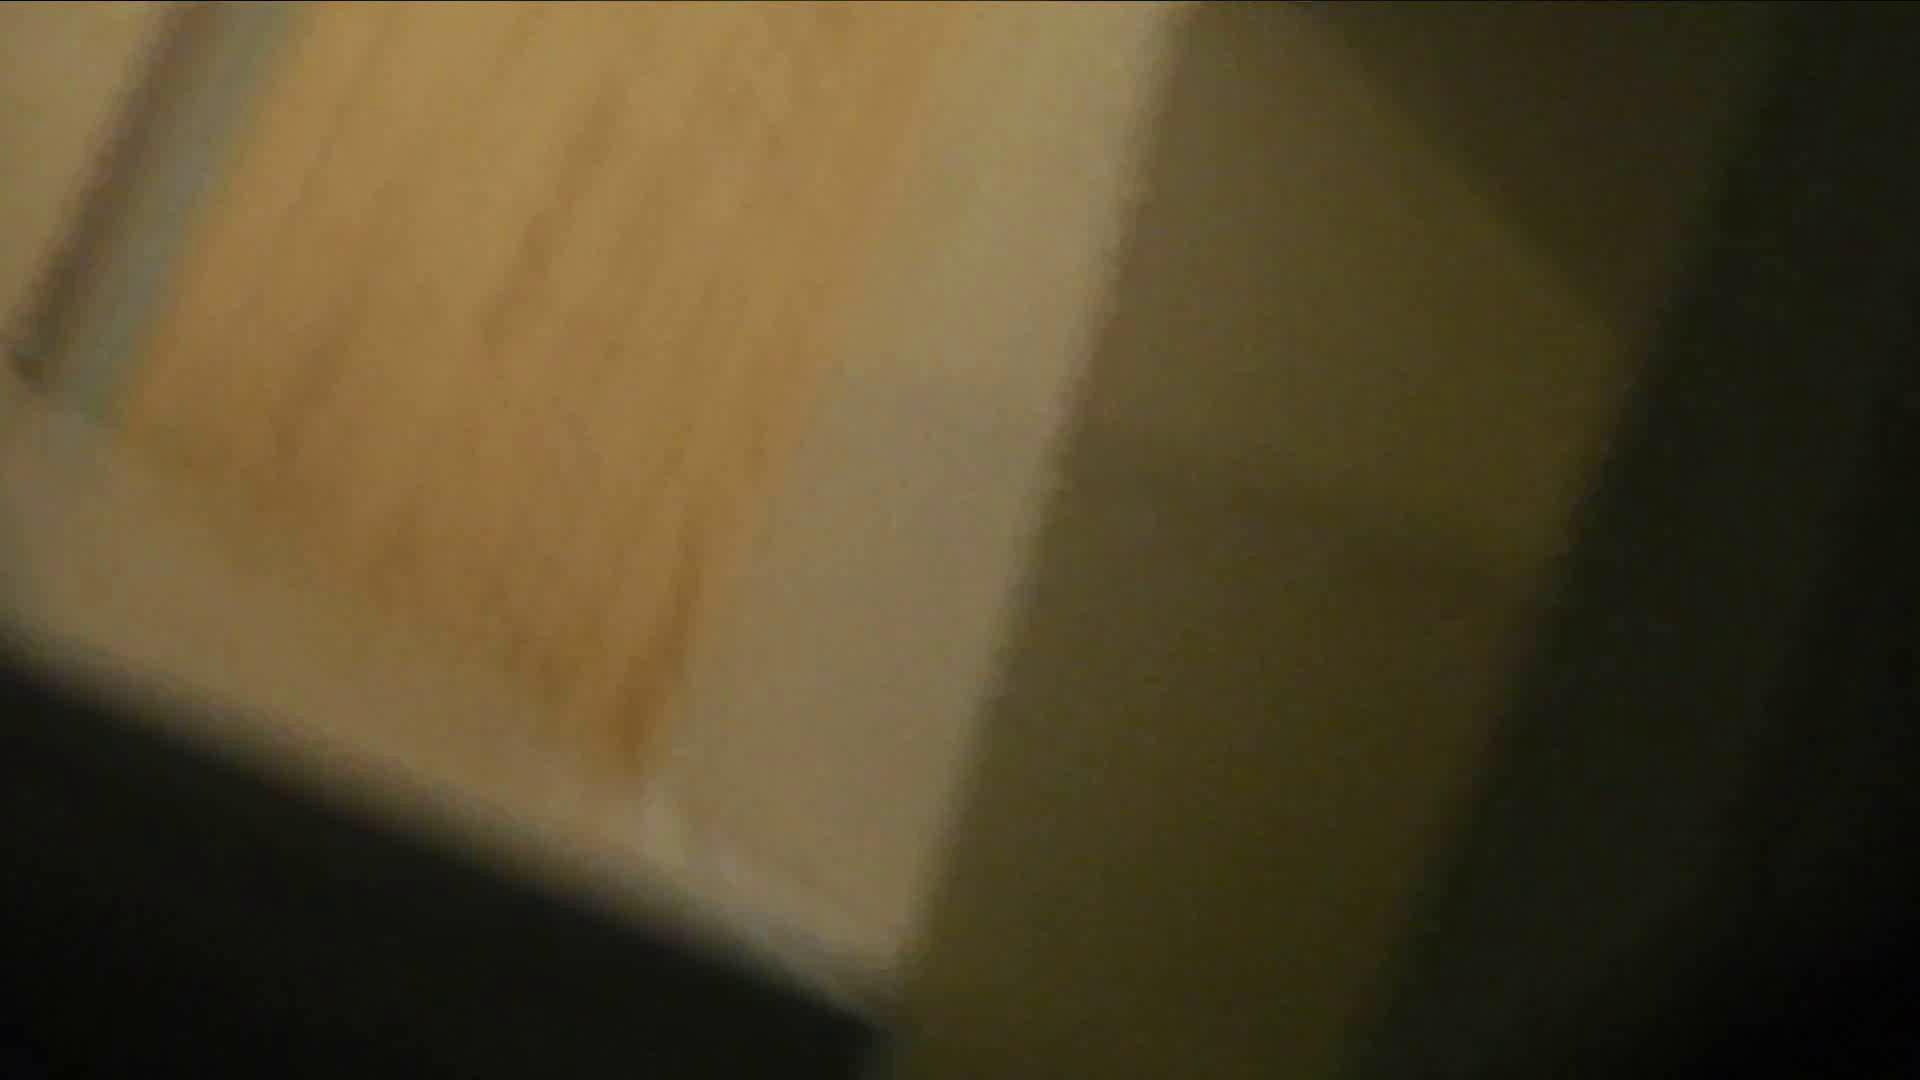 阿国ちゃんの「和式洋式七変化」No.15 丸見え ワレメ無修正動画無料 50画像 21